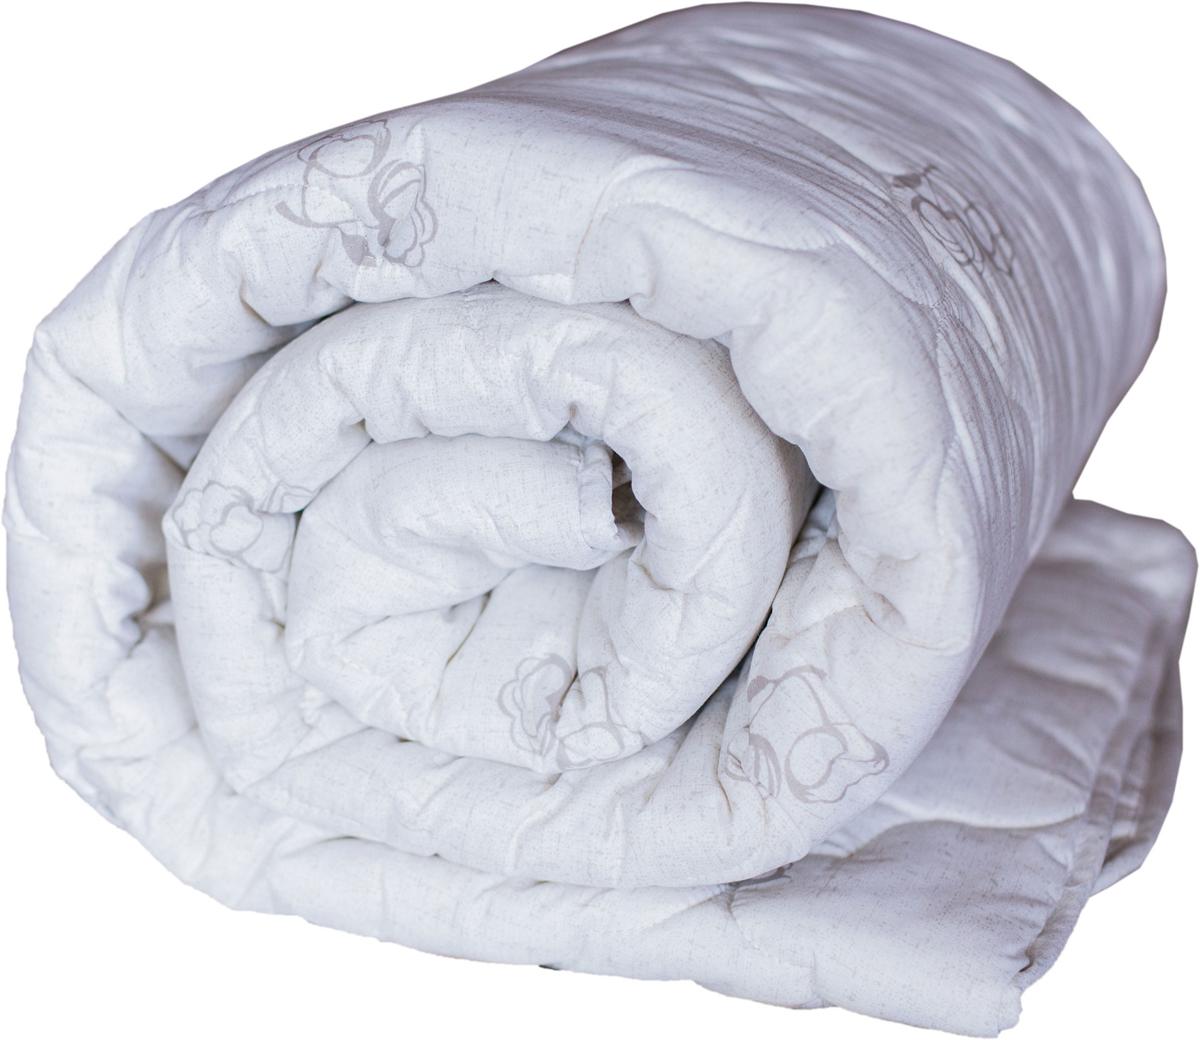 Одеяло Sortex Natura, наполнитель: хлопок, силиконизированное волокно, 200 х 220 см одеяло sortex эвкалипт наполнитель звкалиптовое волокно силиконизированное волокно 200 х 220 см